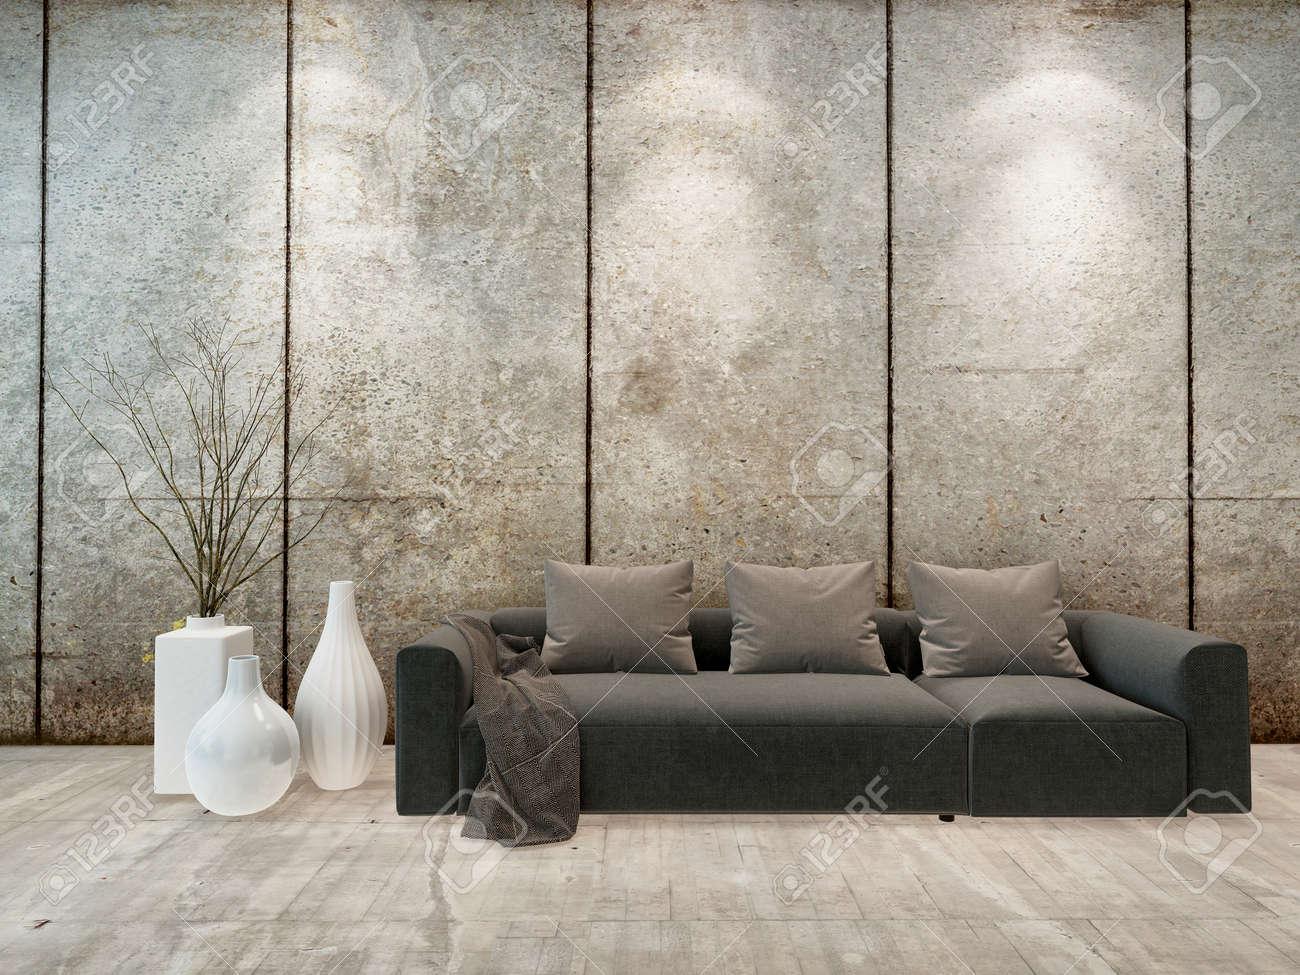 Moderne minimalistische interieur mit wohnzimmer unten lichter auf